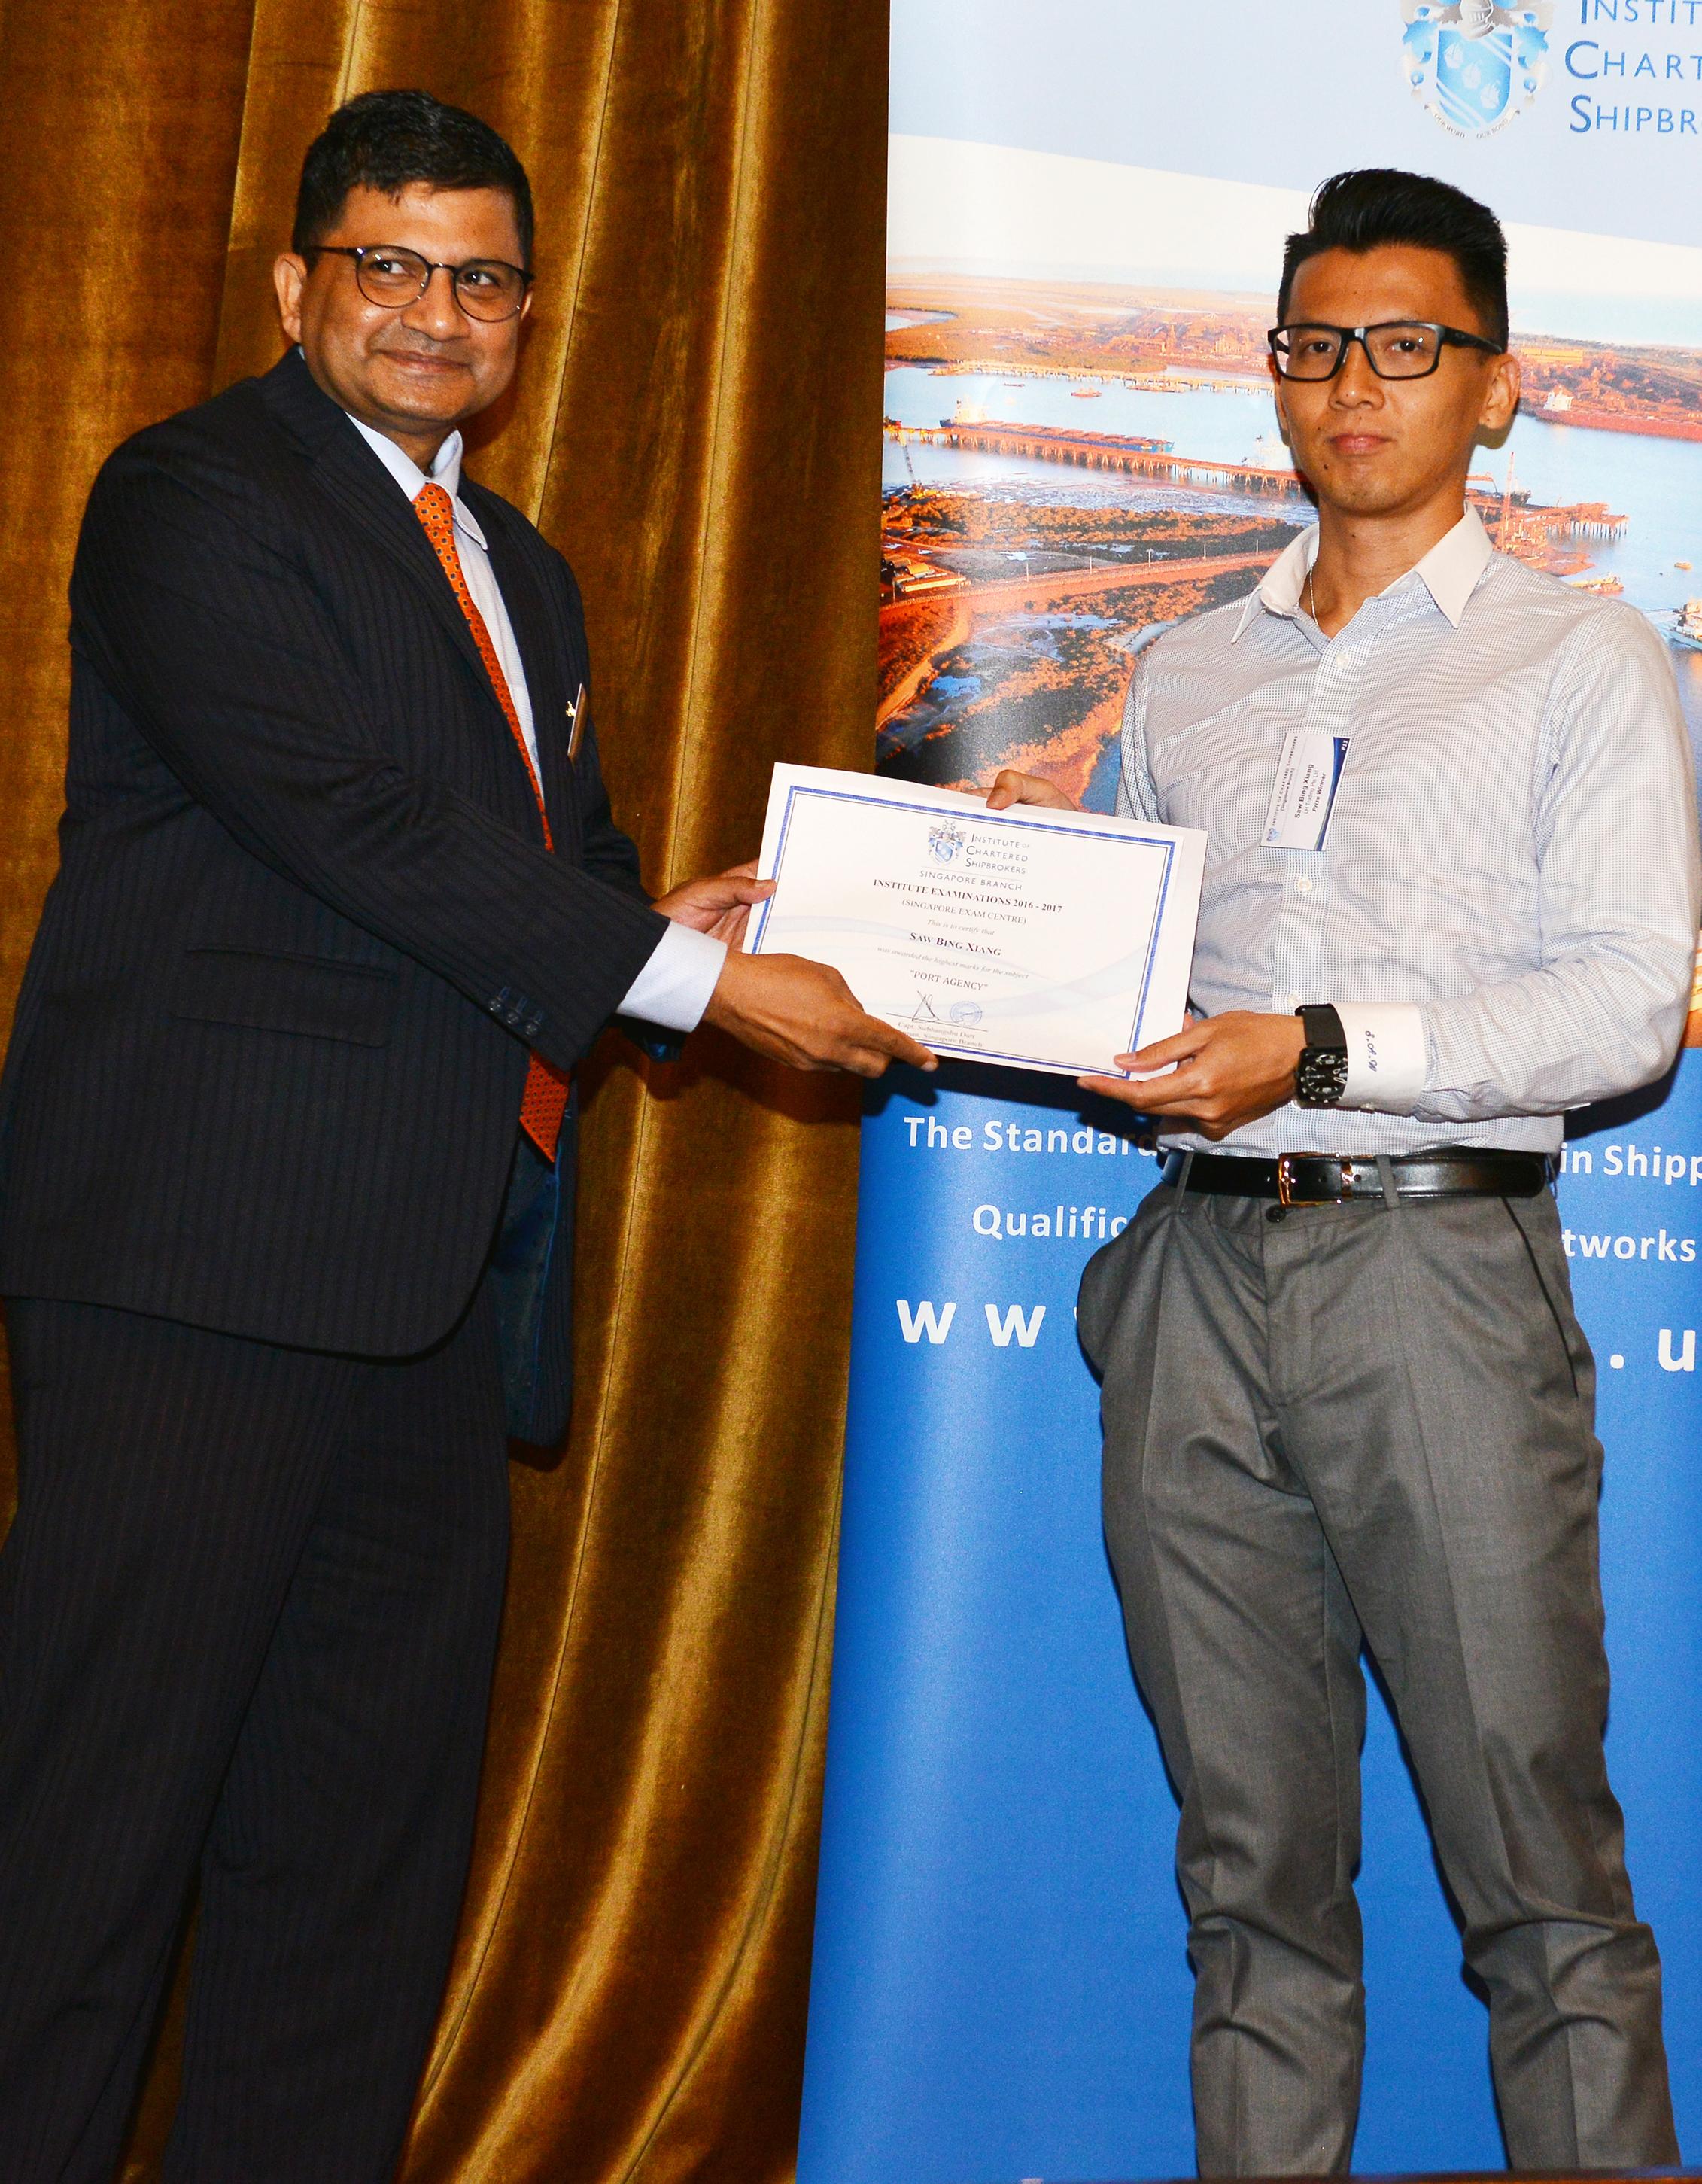 PA Prize Winner